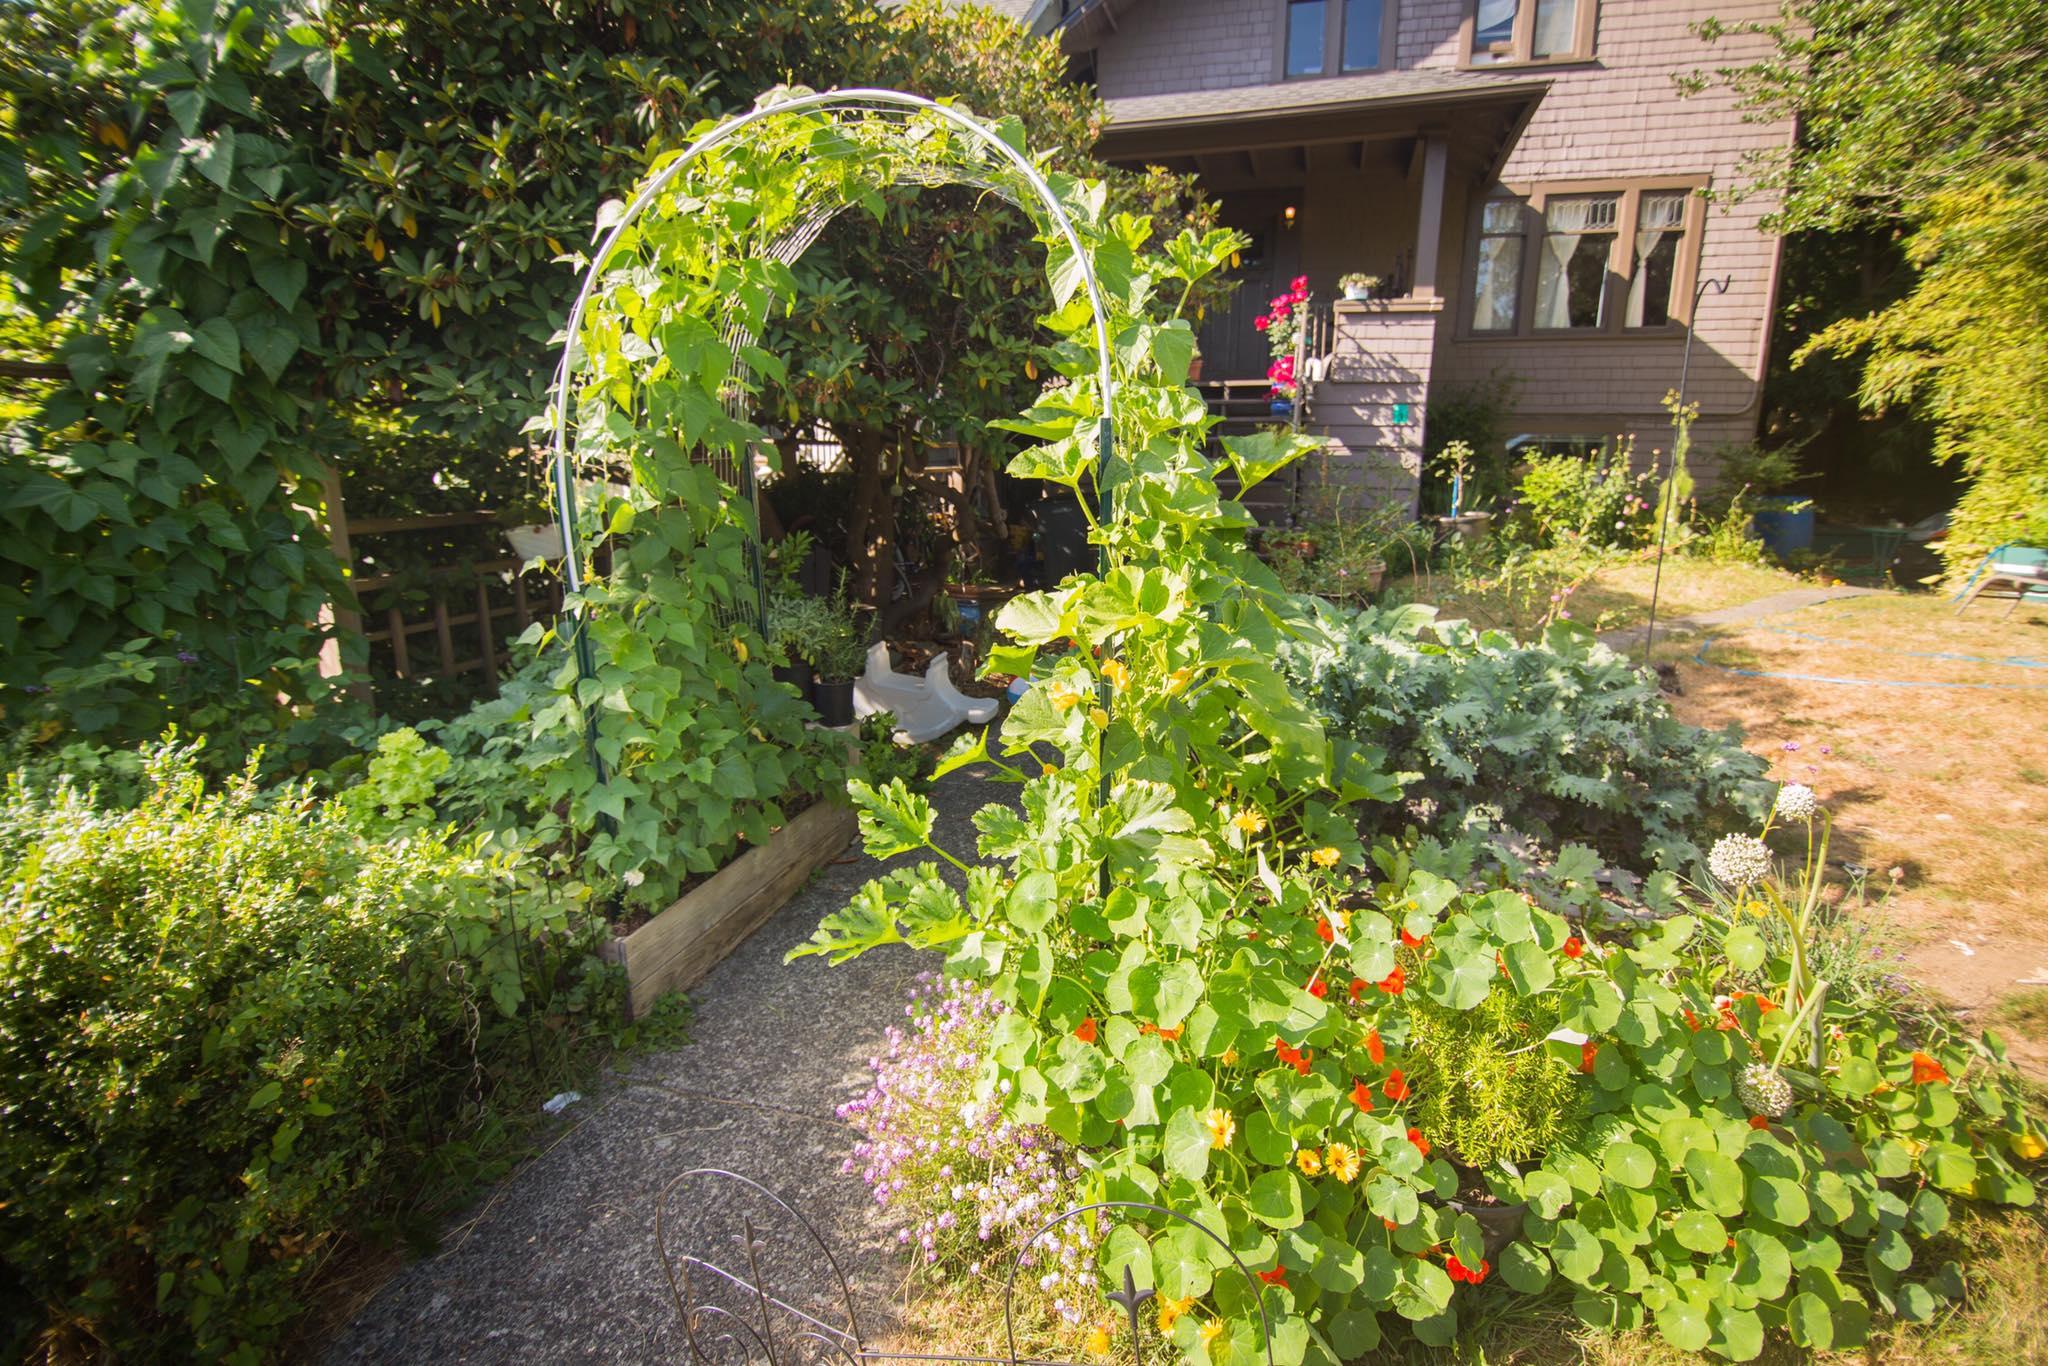 Cô gái xinh đẹp luôn tràn ngập năng lượng hạnh phúc khi trồng cả khu vườn toàn rau quả sạch - Ảnh 3.